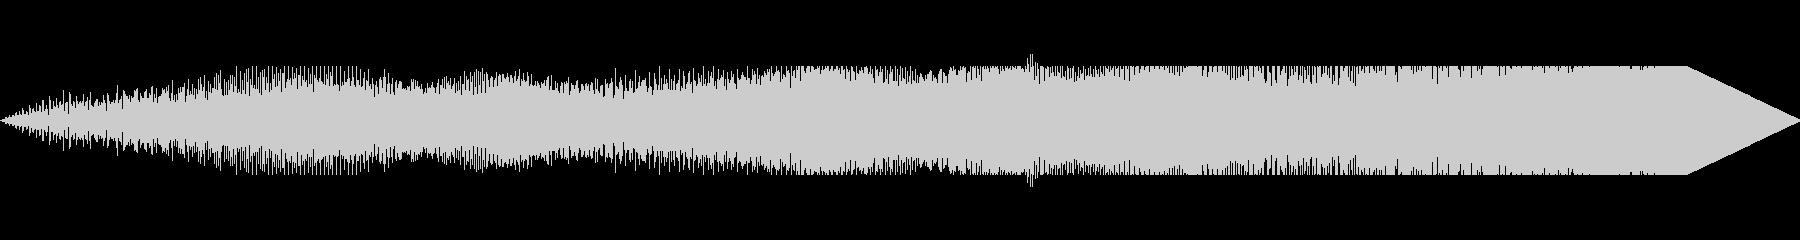 ハムドラムドローンの未再生の波形